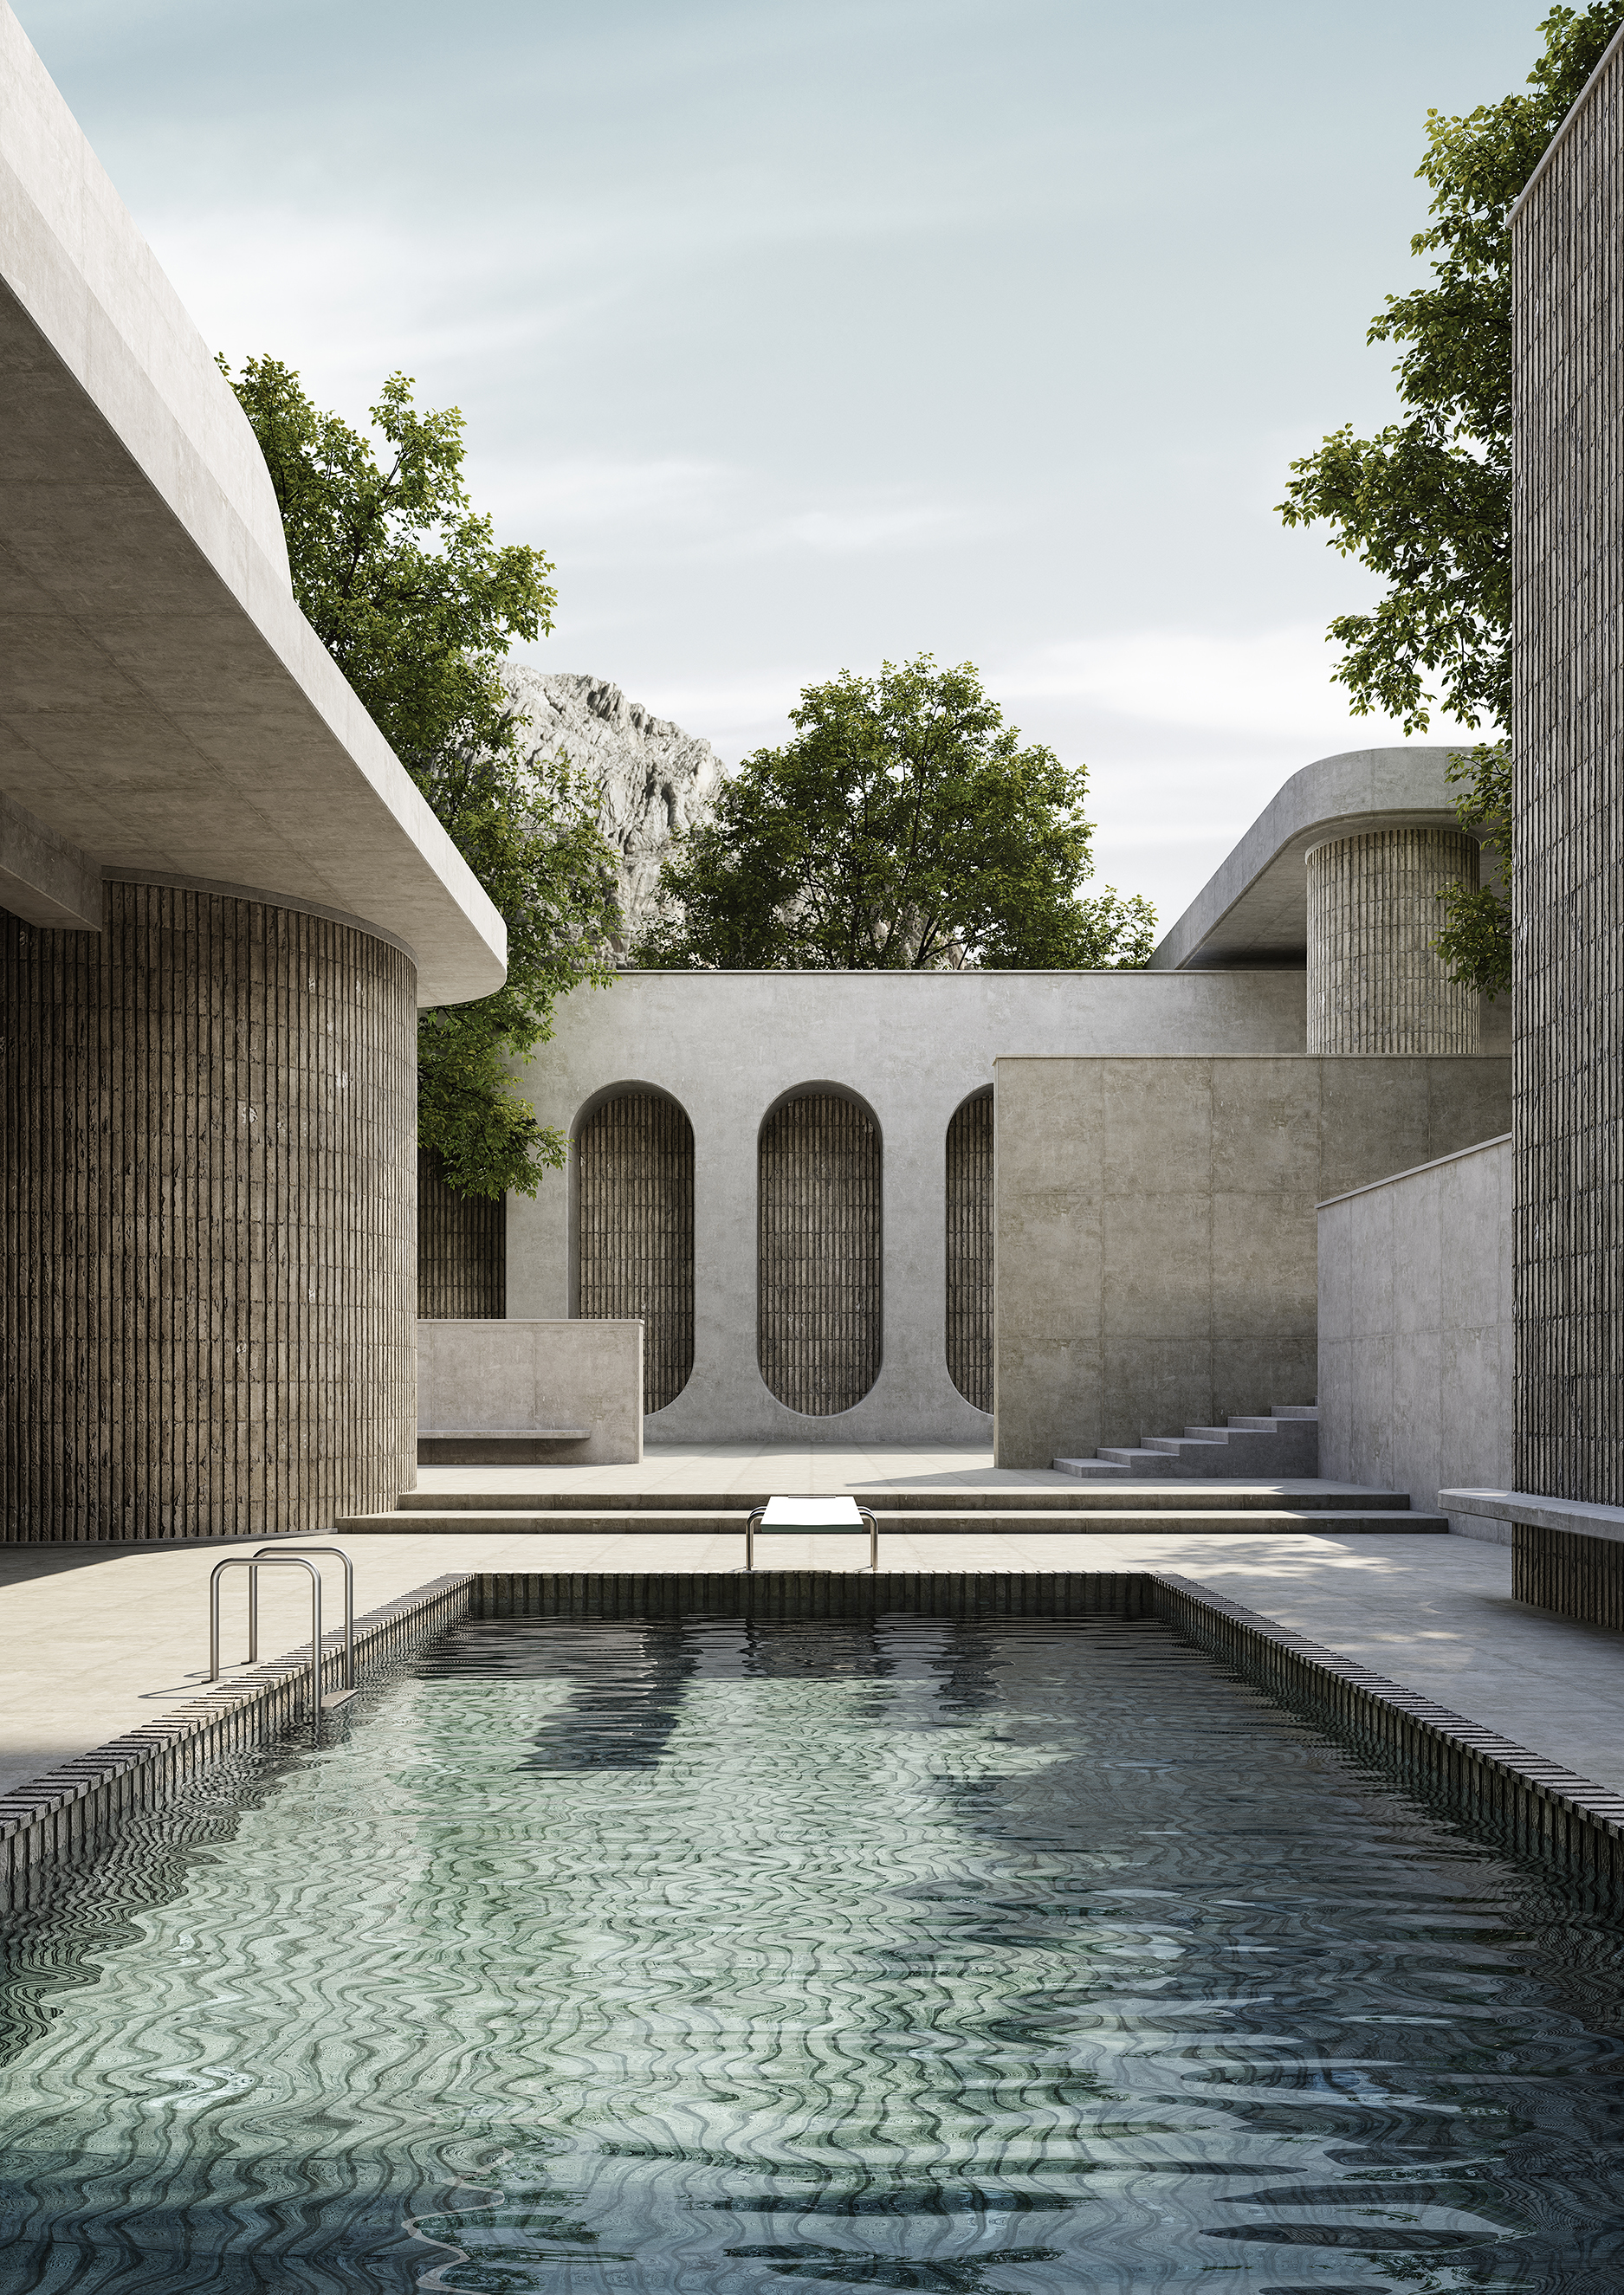 Concrete Pool_1_ORIGINAL_900points_wide